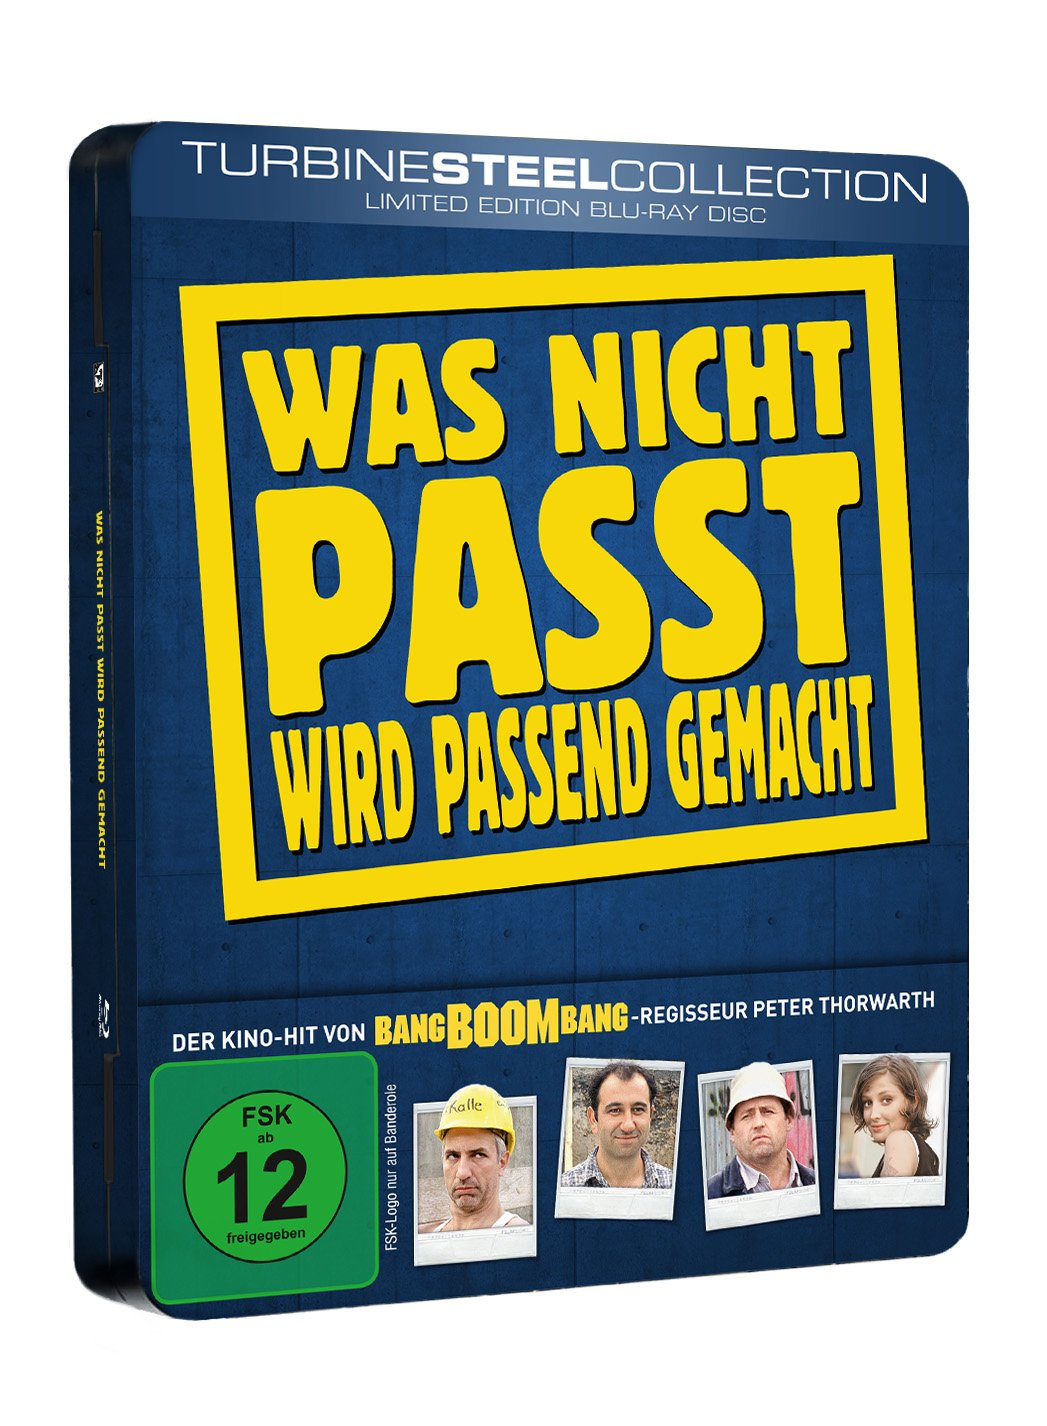 Was nicht passt wird passend gemacht (Limited Edition Blu-ray)